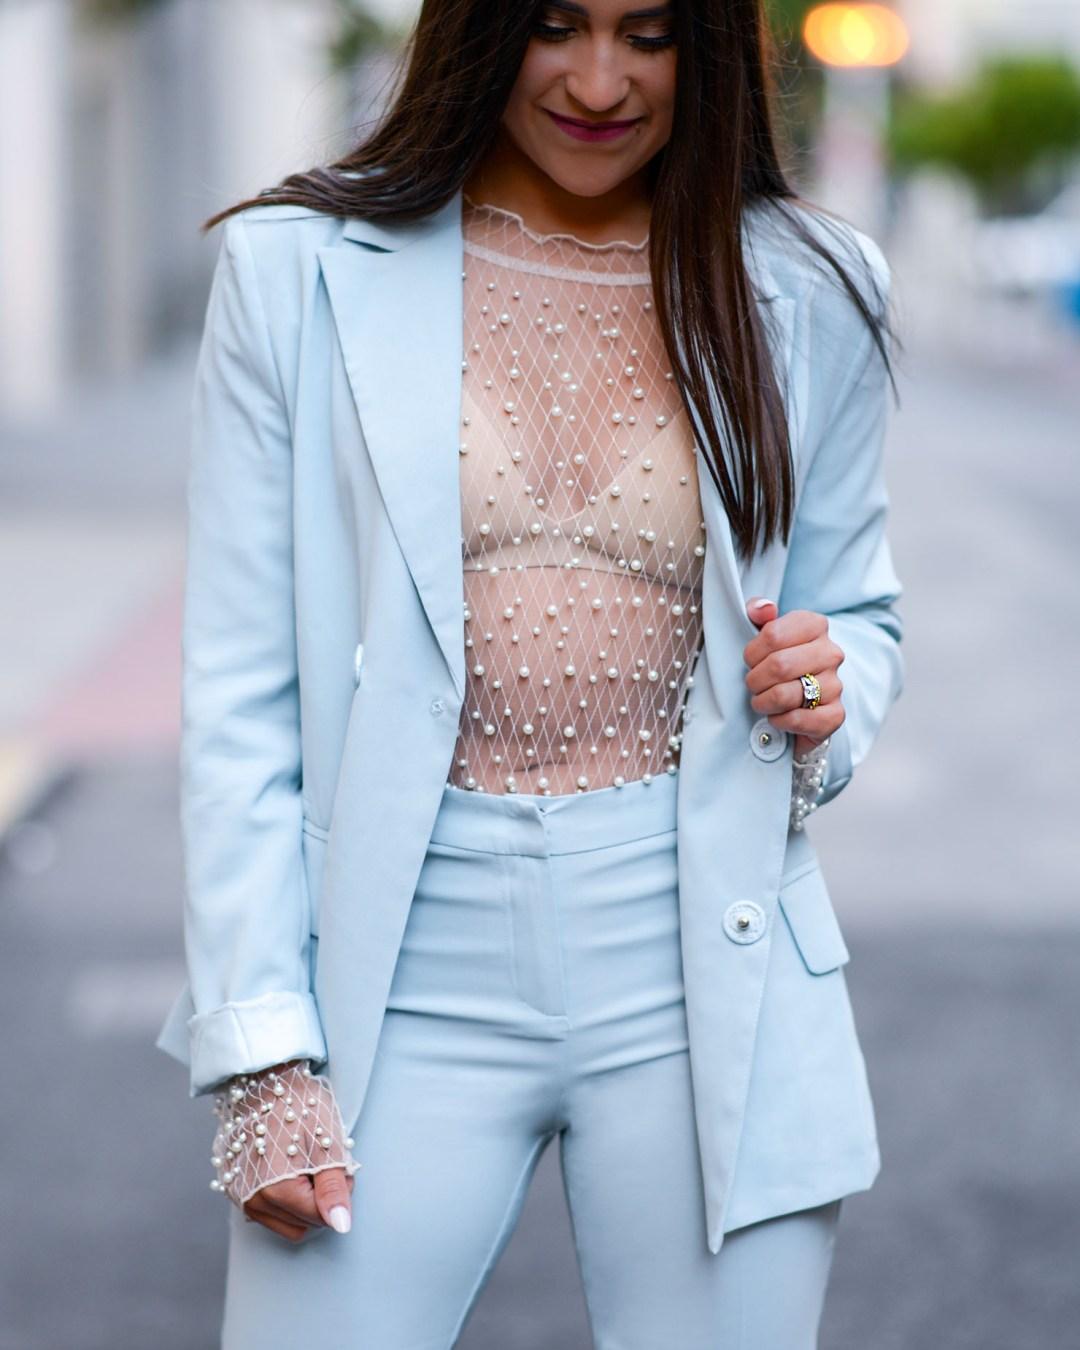 Lifestyle blogger Kelsey Kaplan of Kelsey Kaplan Fashion wearing blue suit and pearl beaded bodysuit